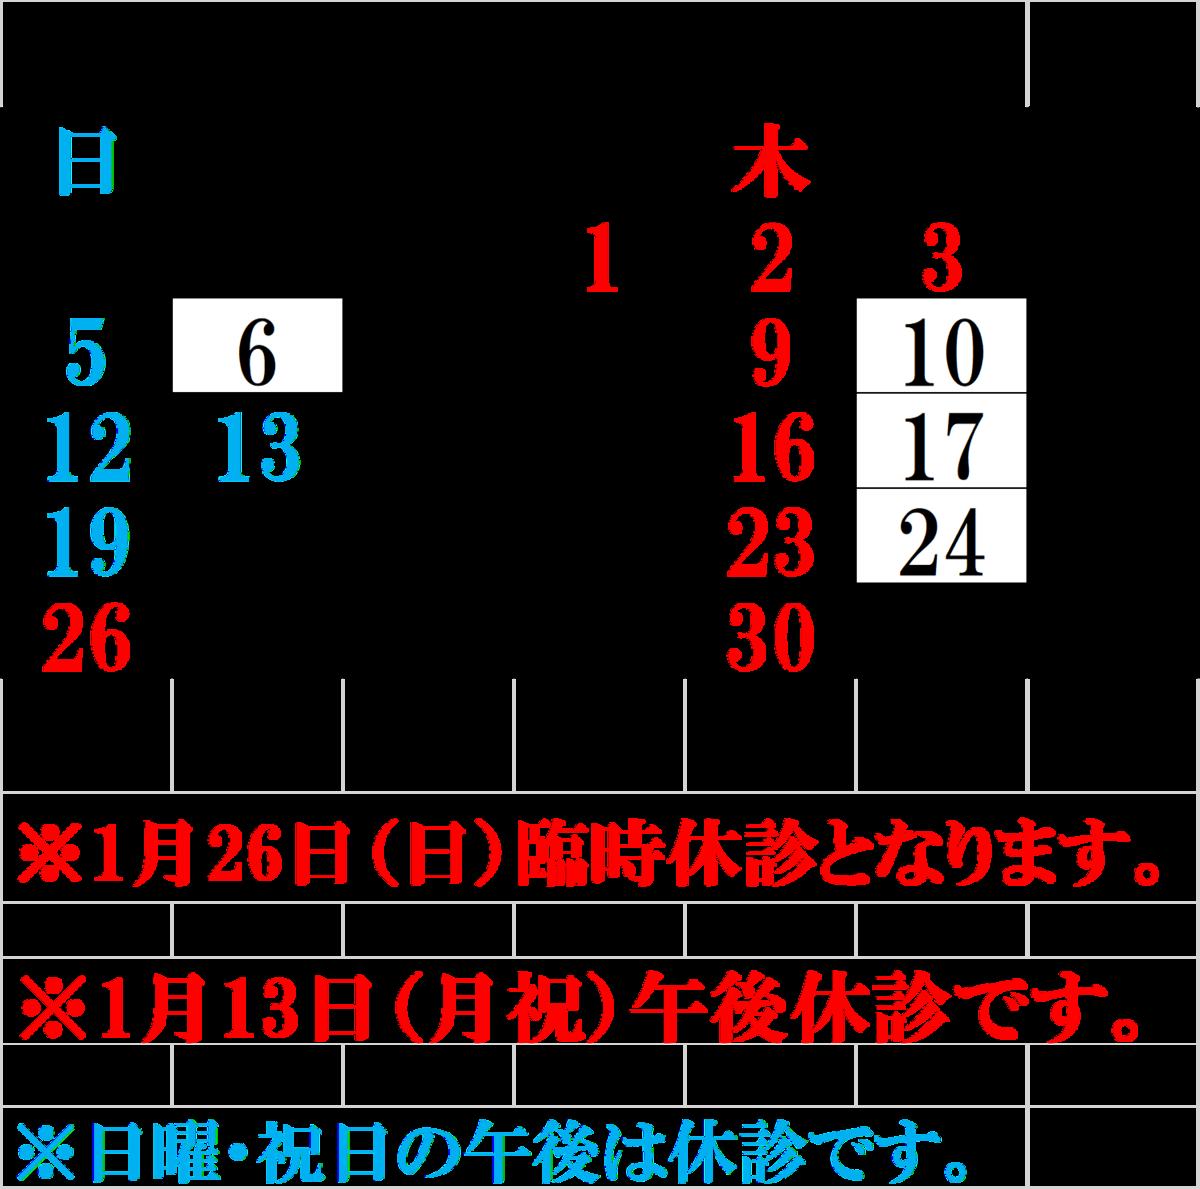 f:id:kinase_ah:20191230190122p:plain